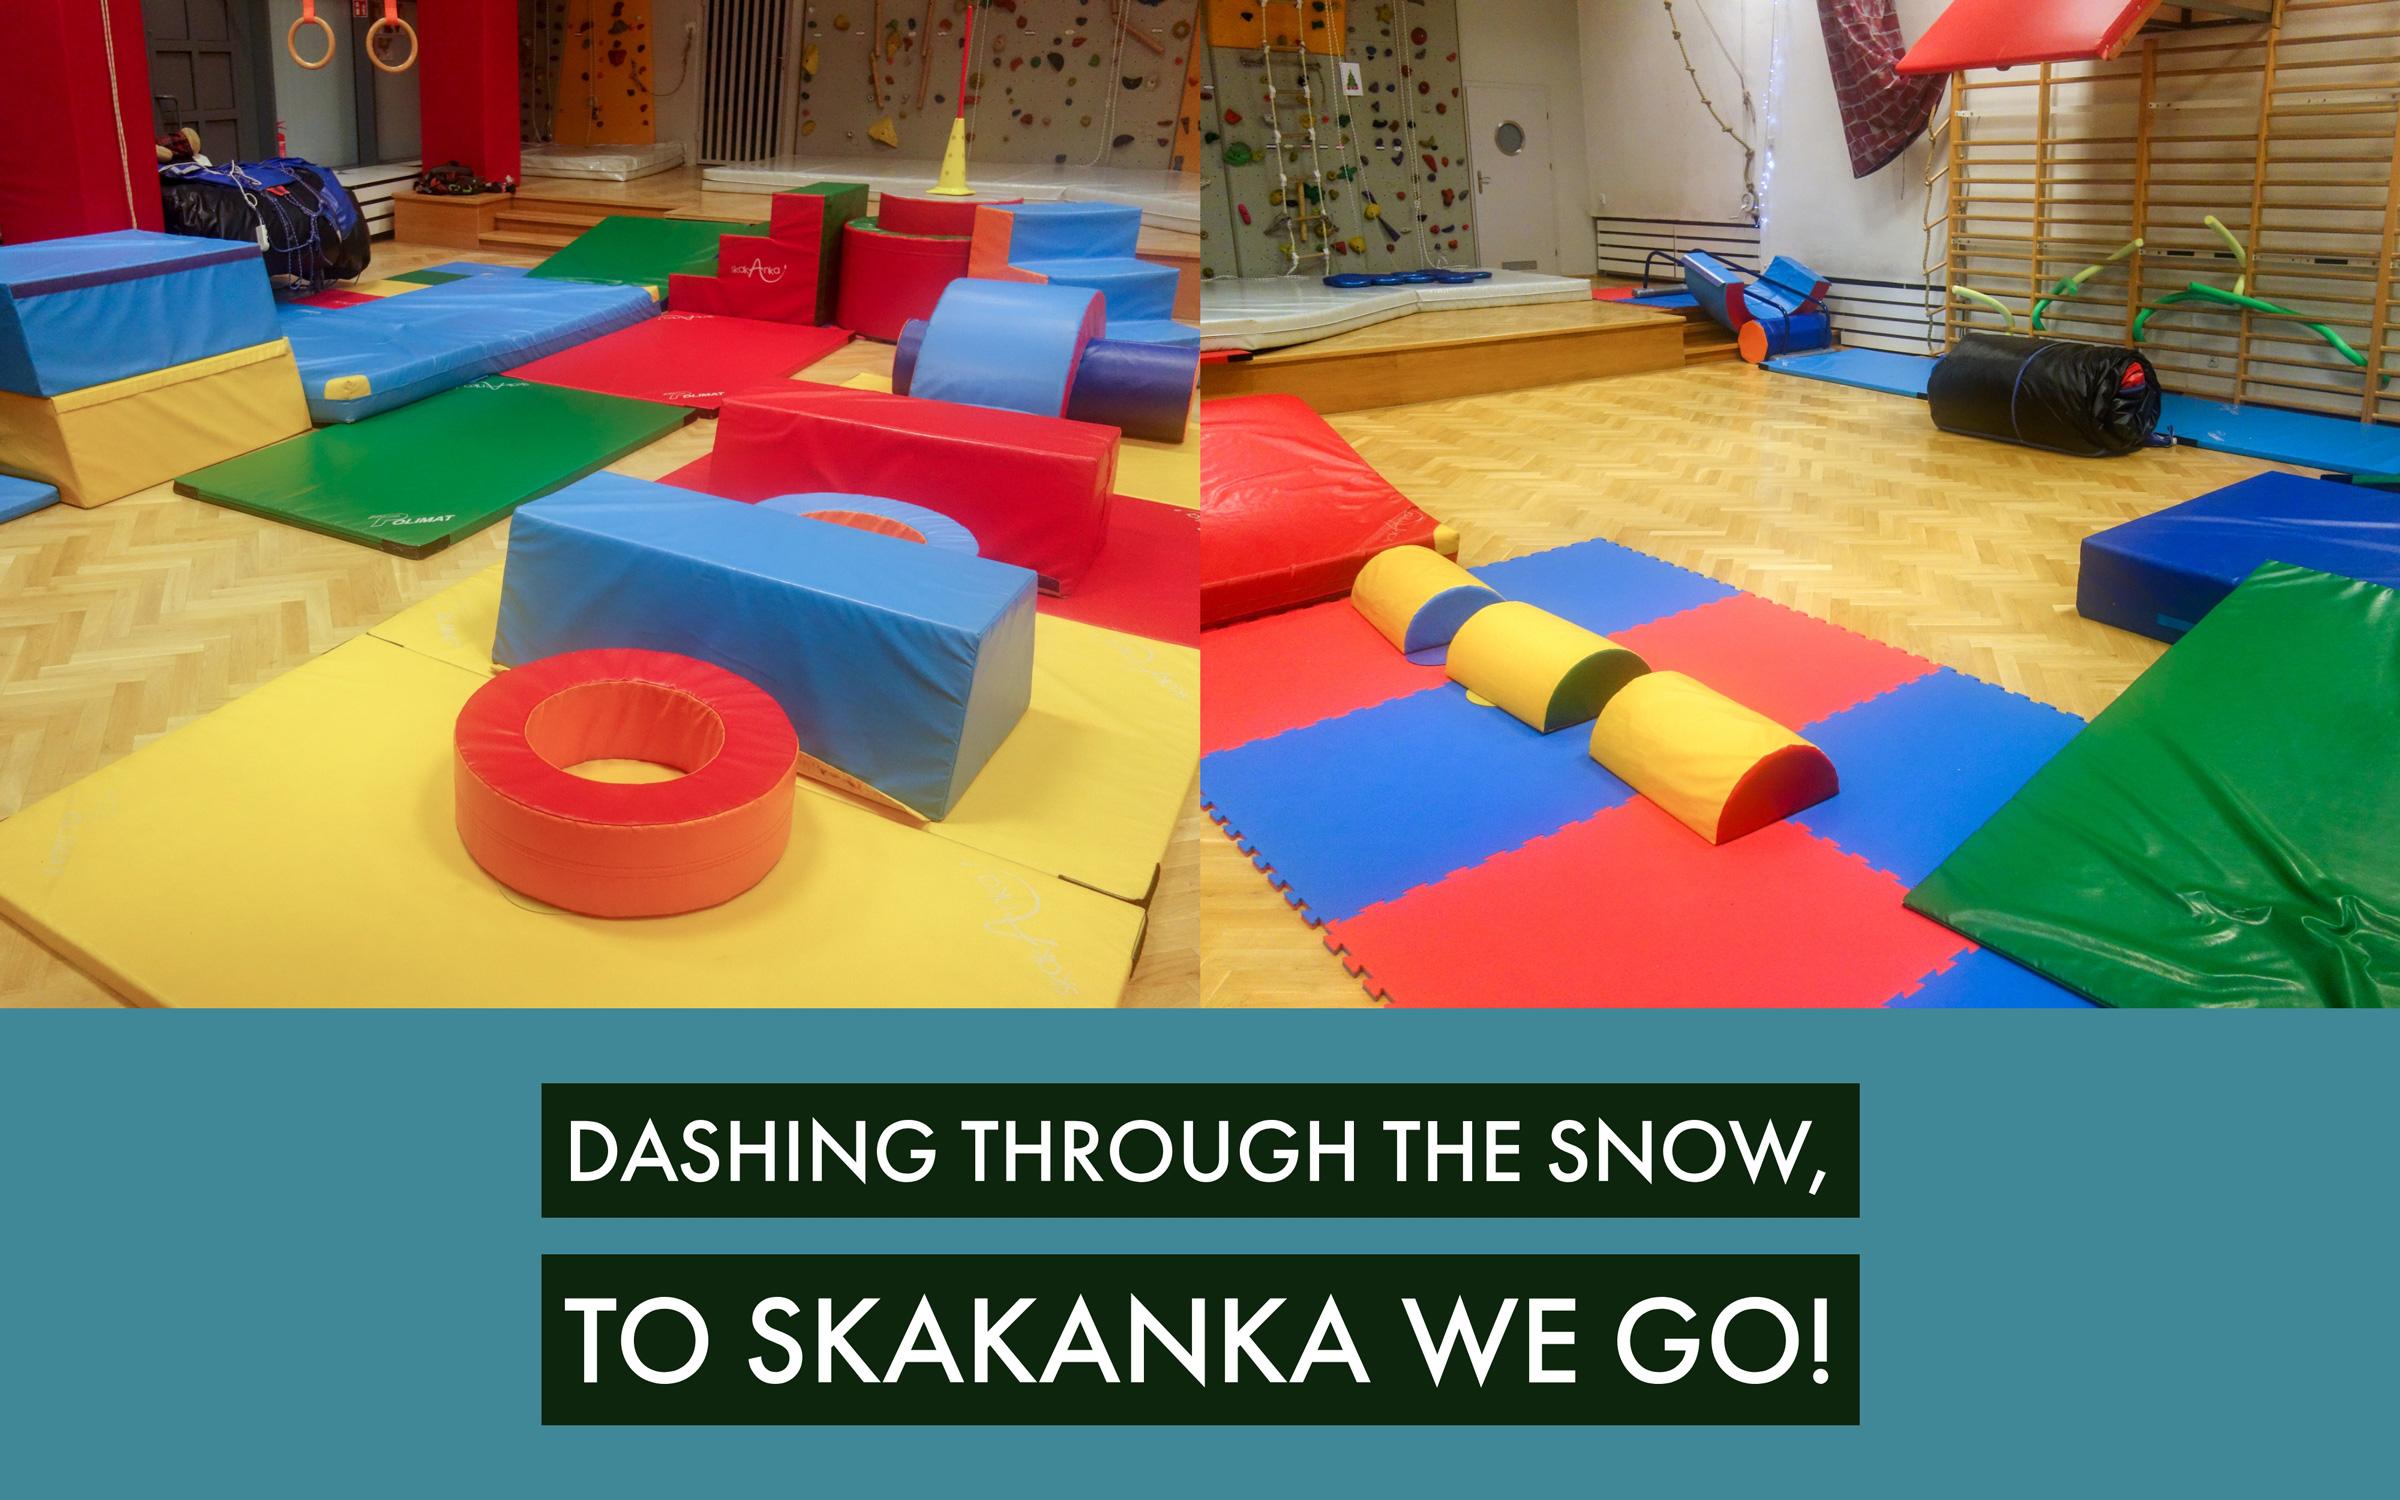 🌟 Dashing through the snow, to SkakAnka we go